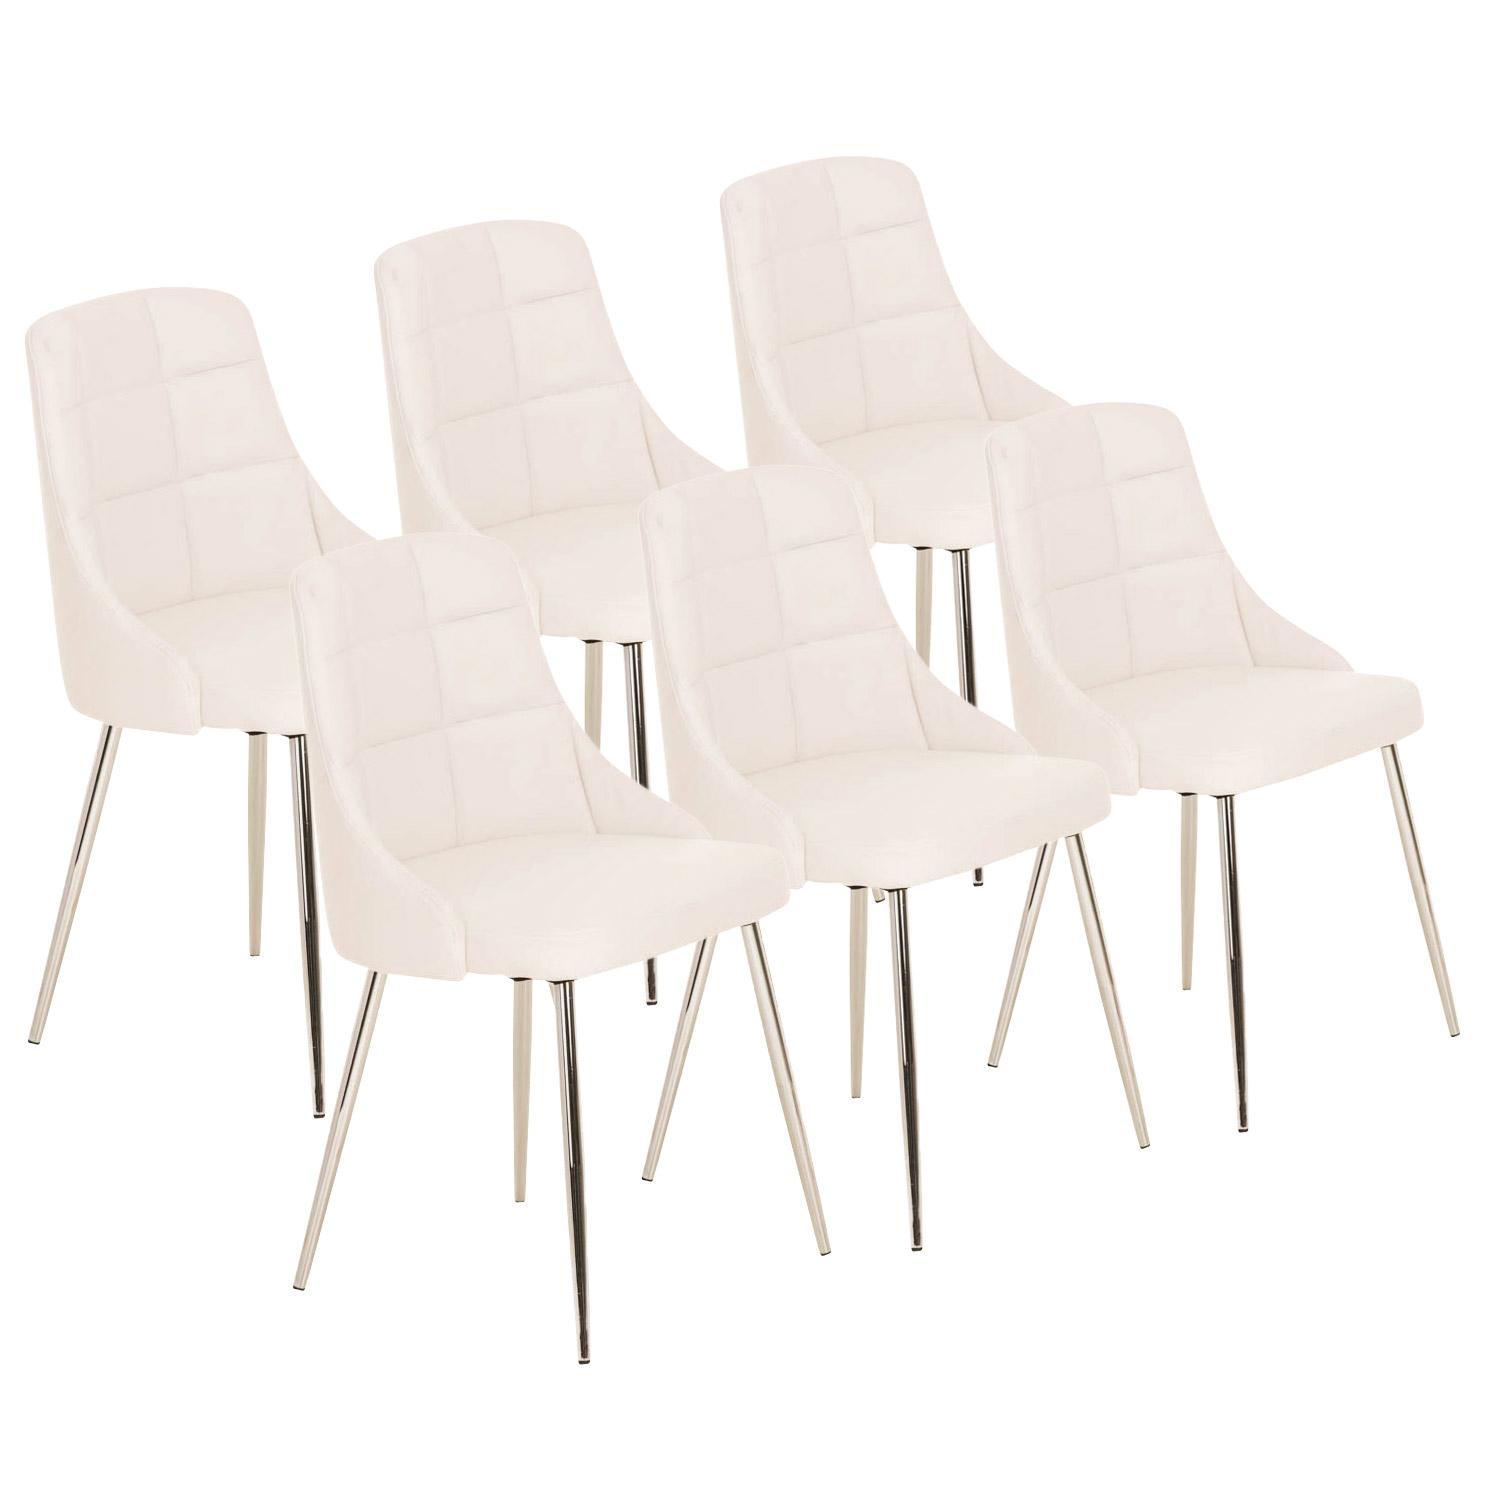 Lote 6 sillas de comedor o cocina harrison en piel blanca for Sillas comedor patas metalicas